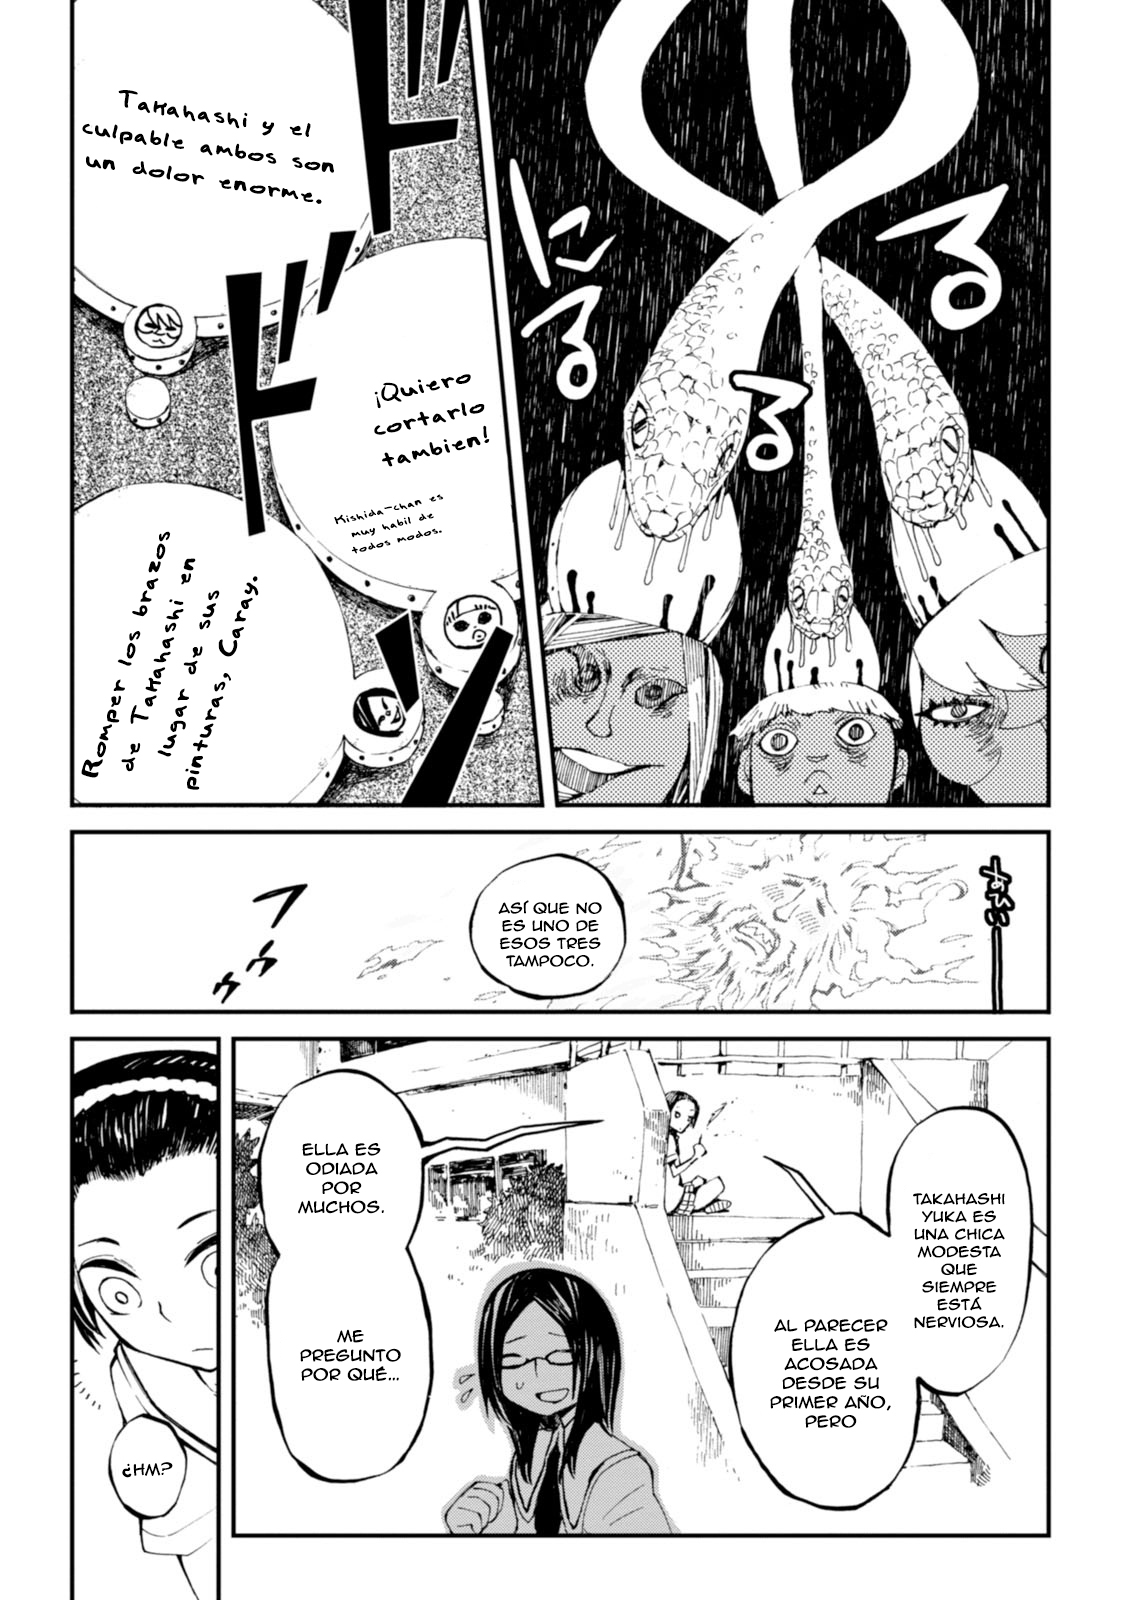 http://c5.ninemanga.com/es_manga/27/17755/453358/a3884720eab9814211499d13339b7586.jpg Page 18